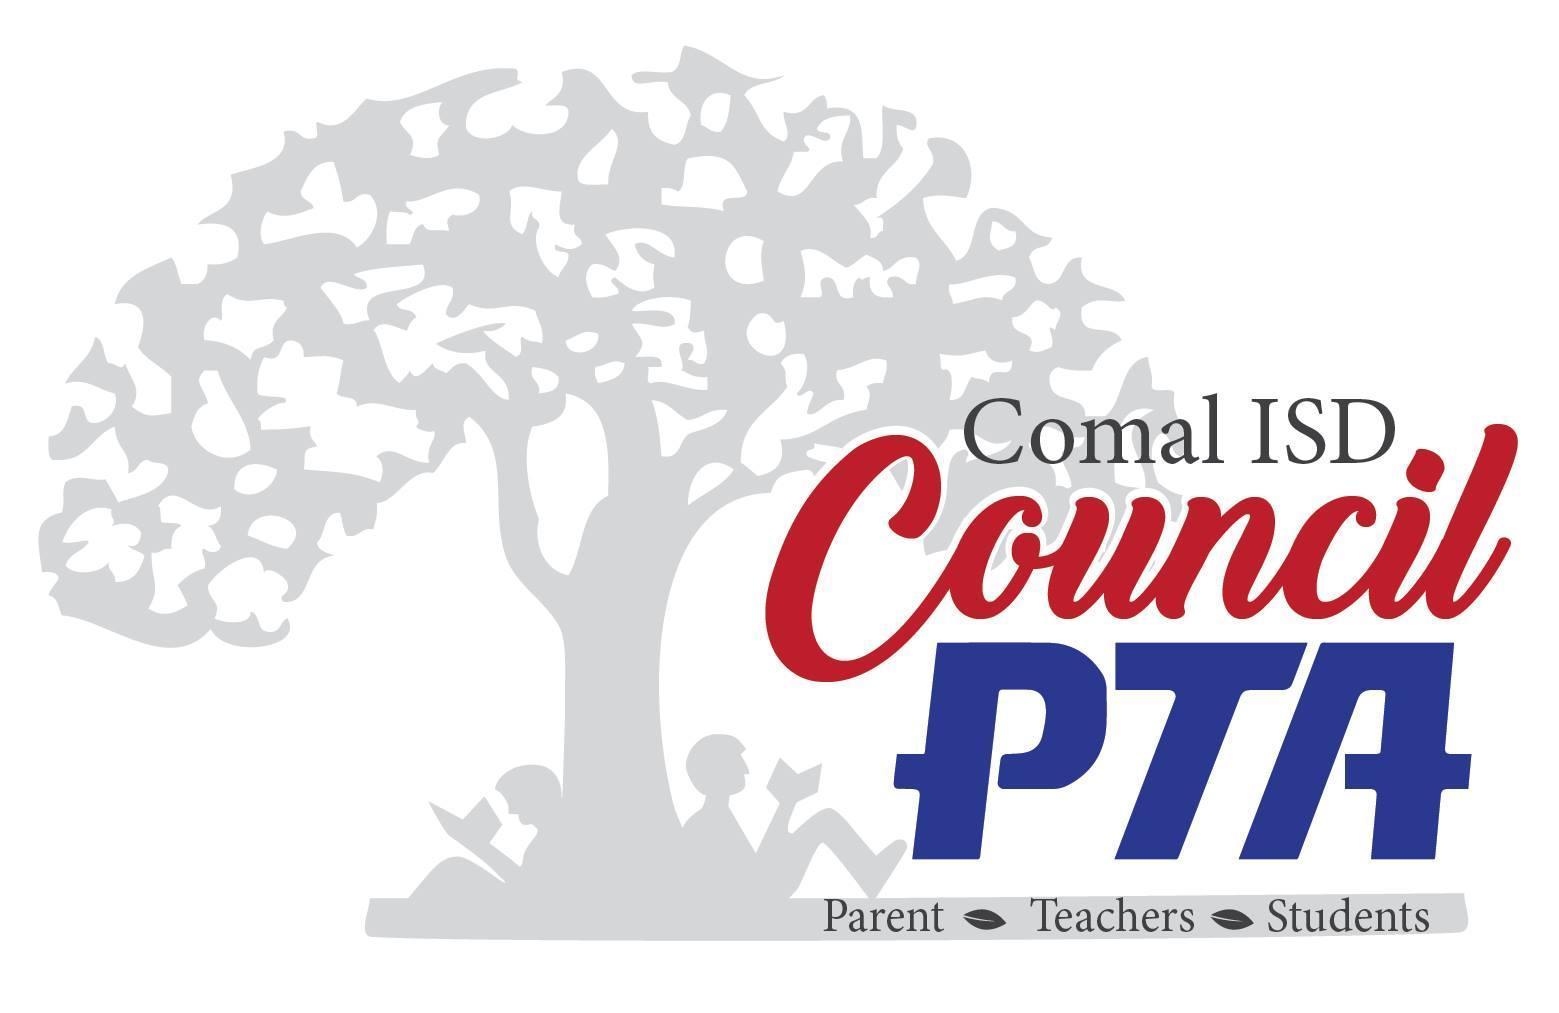 Council PTA Logo